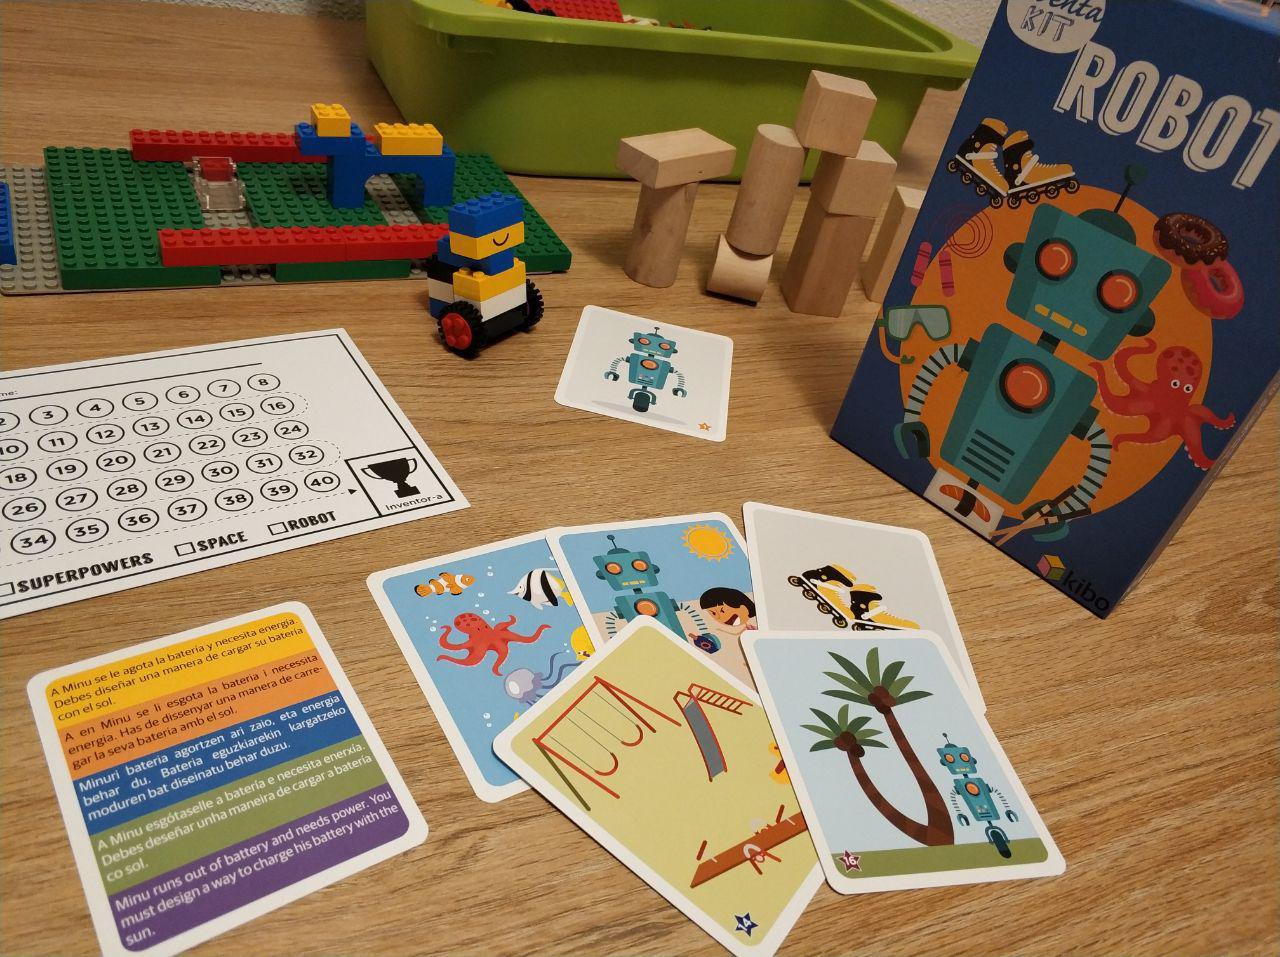 juegos para fomentar la creatividad Inventa Kit Space